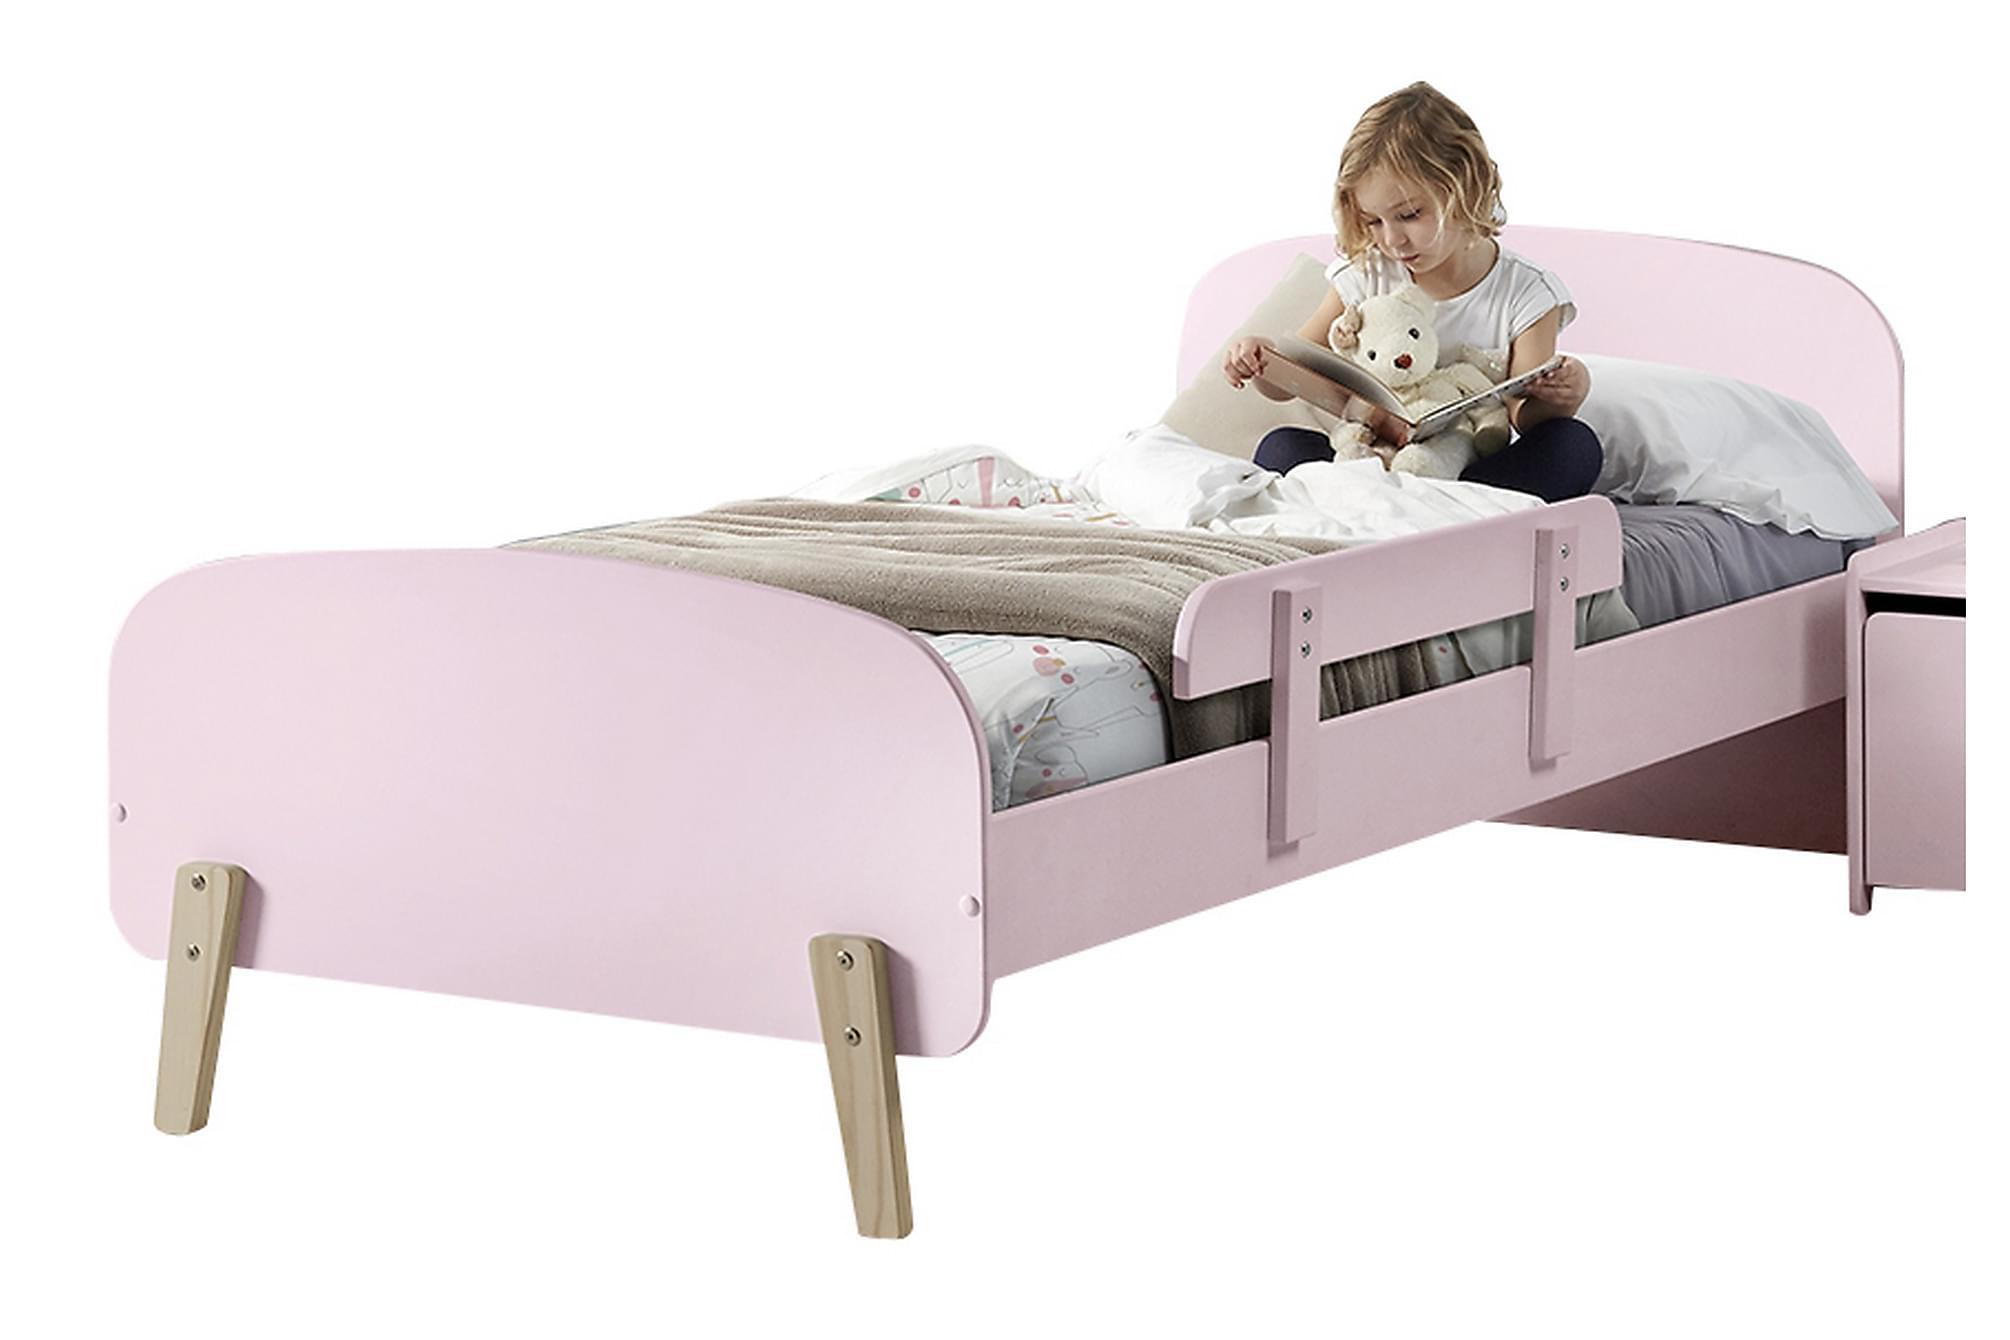 HIPSTOP Sängram Säkerhetsbräda Rosa, Möbelset för sovrum